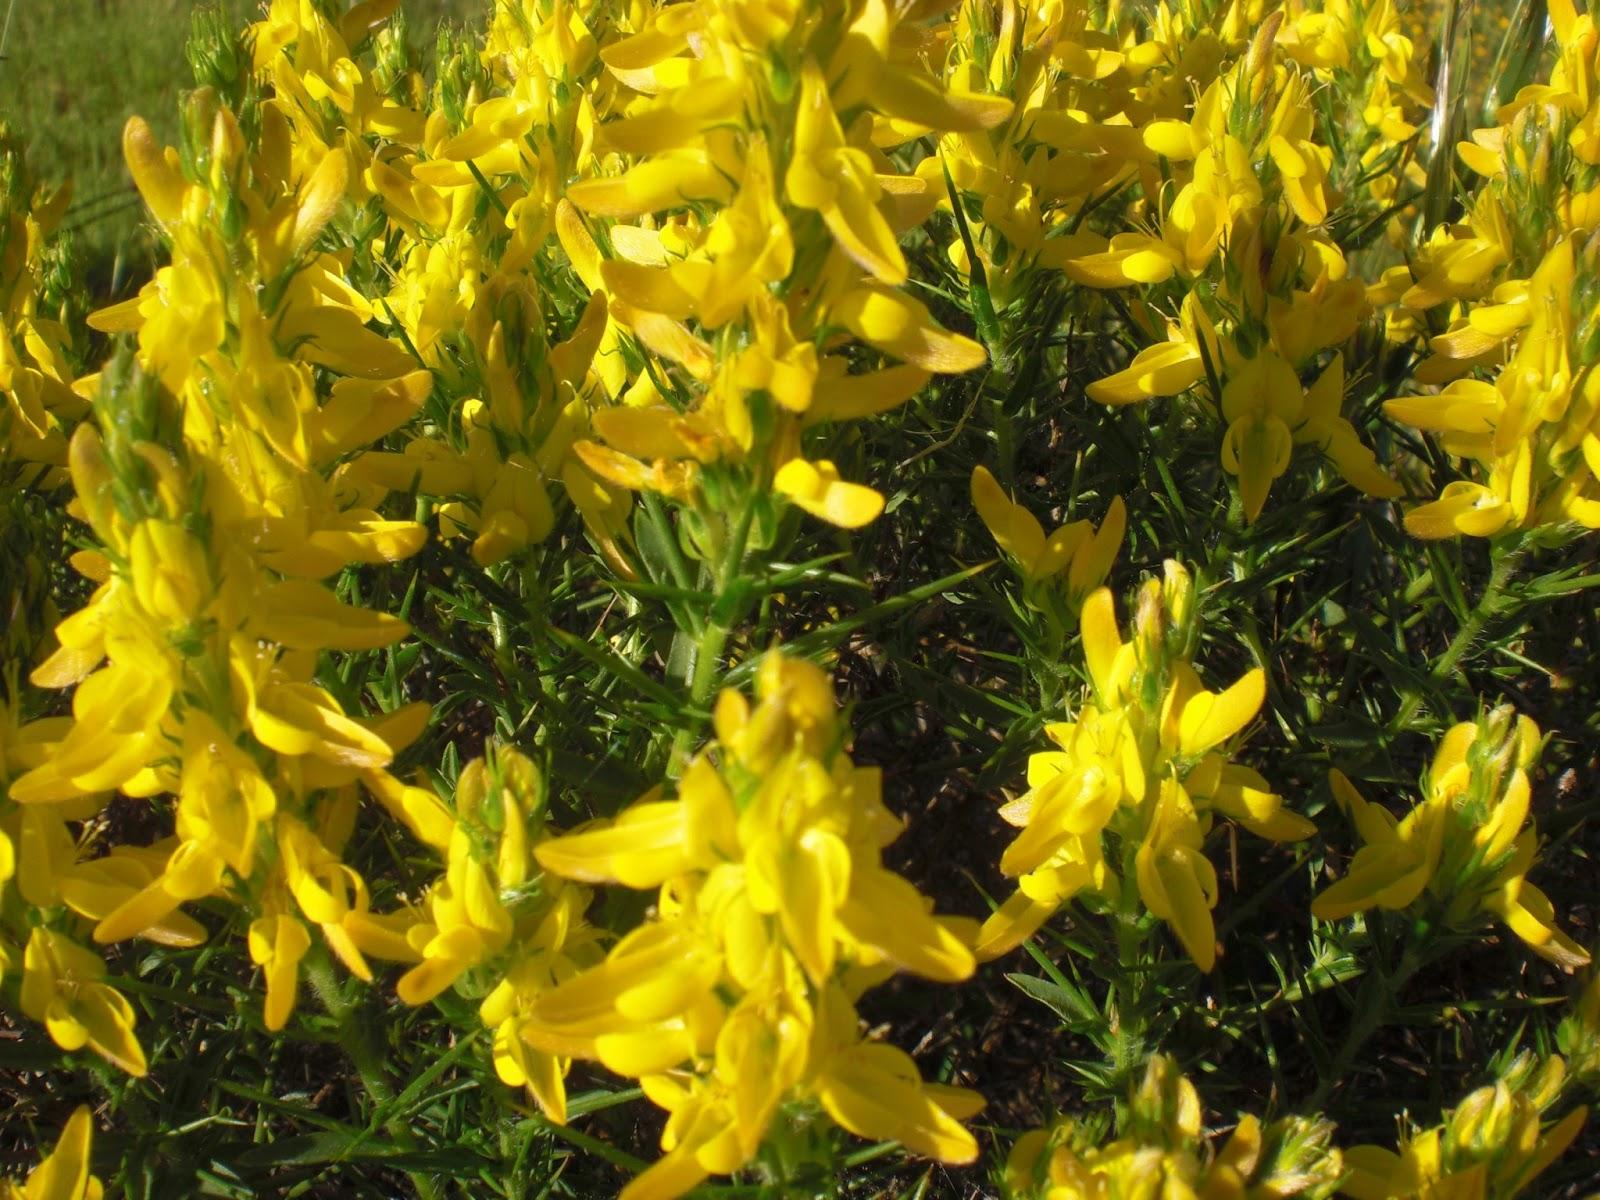 arbusto humilde y redondeado tiene densos racimos florales de color amarillo flores de a mm el cliz con el labio inferior ms largo